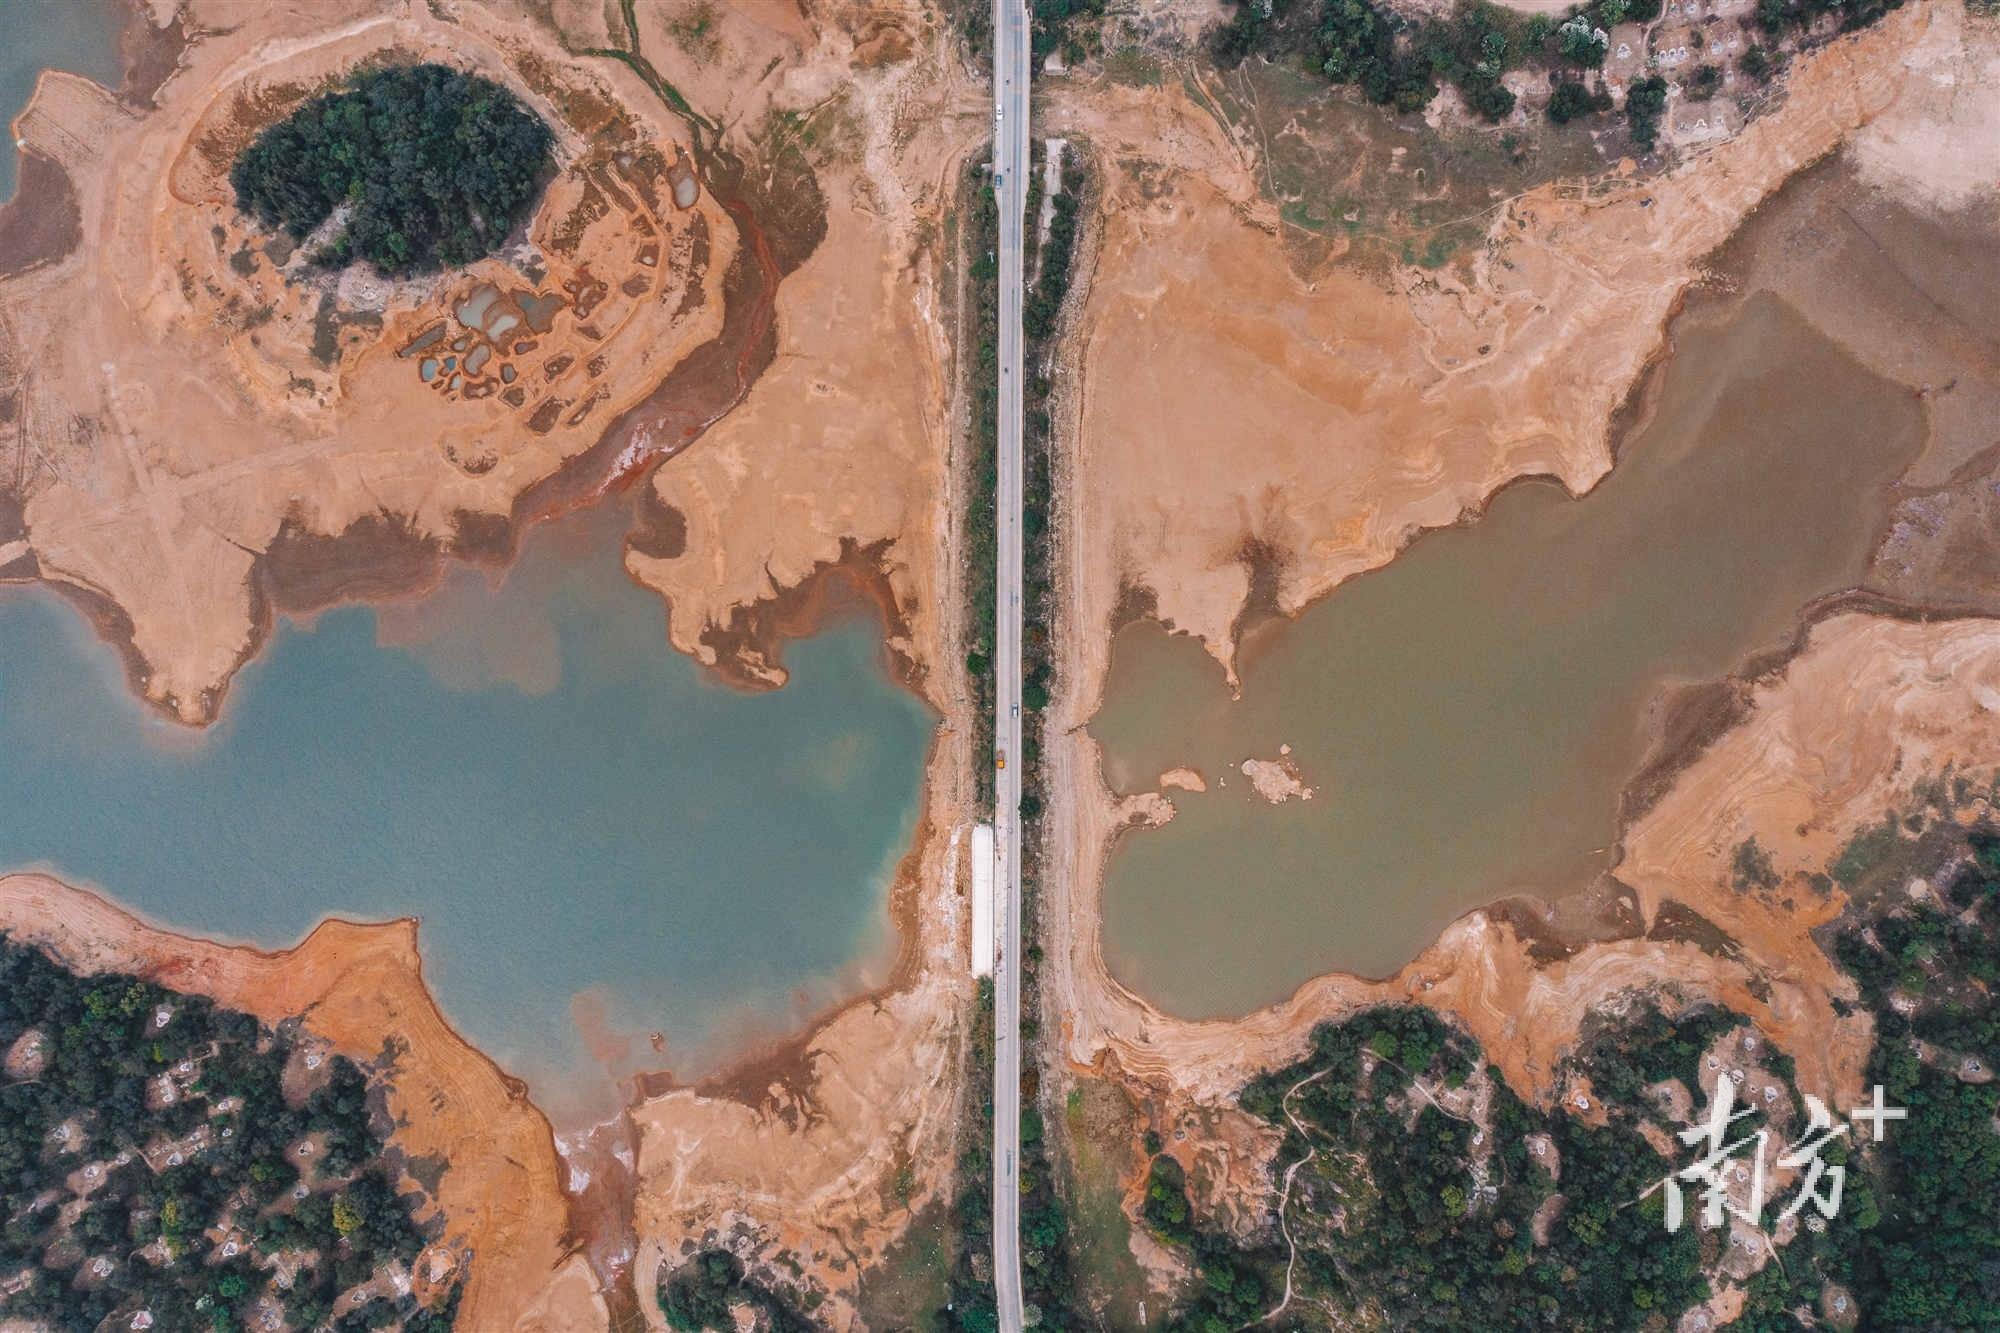 汕头市秋风水库,库存量仅占水库容量的四分之一,长期干旱,水体也呈现出不同的颜色。